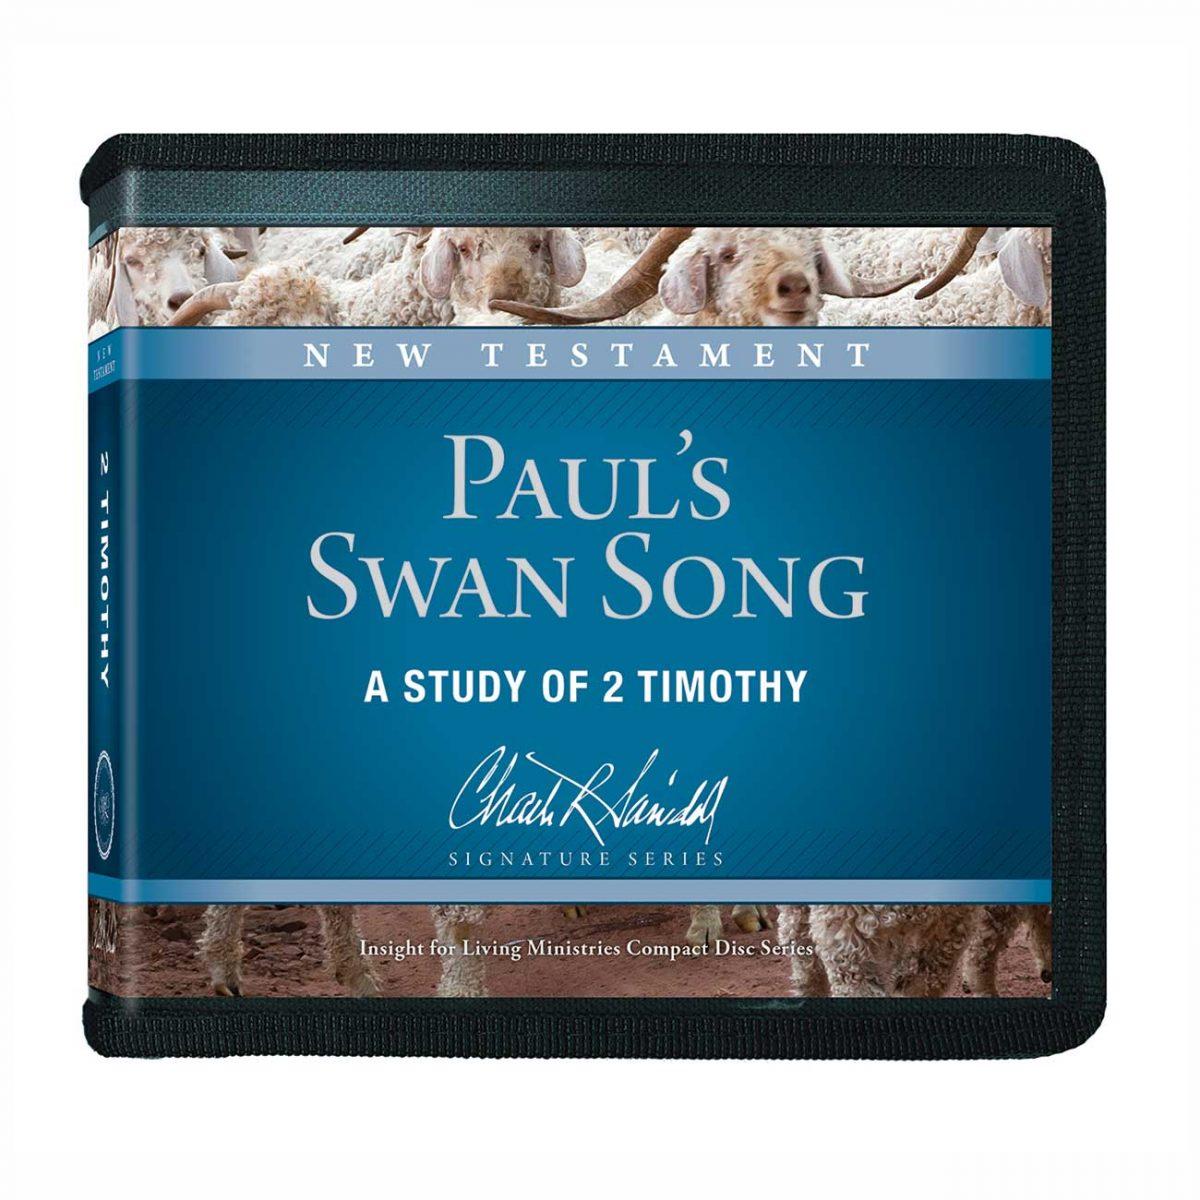 Paul's Swan Song series